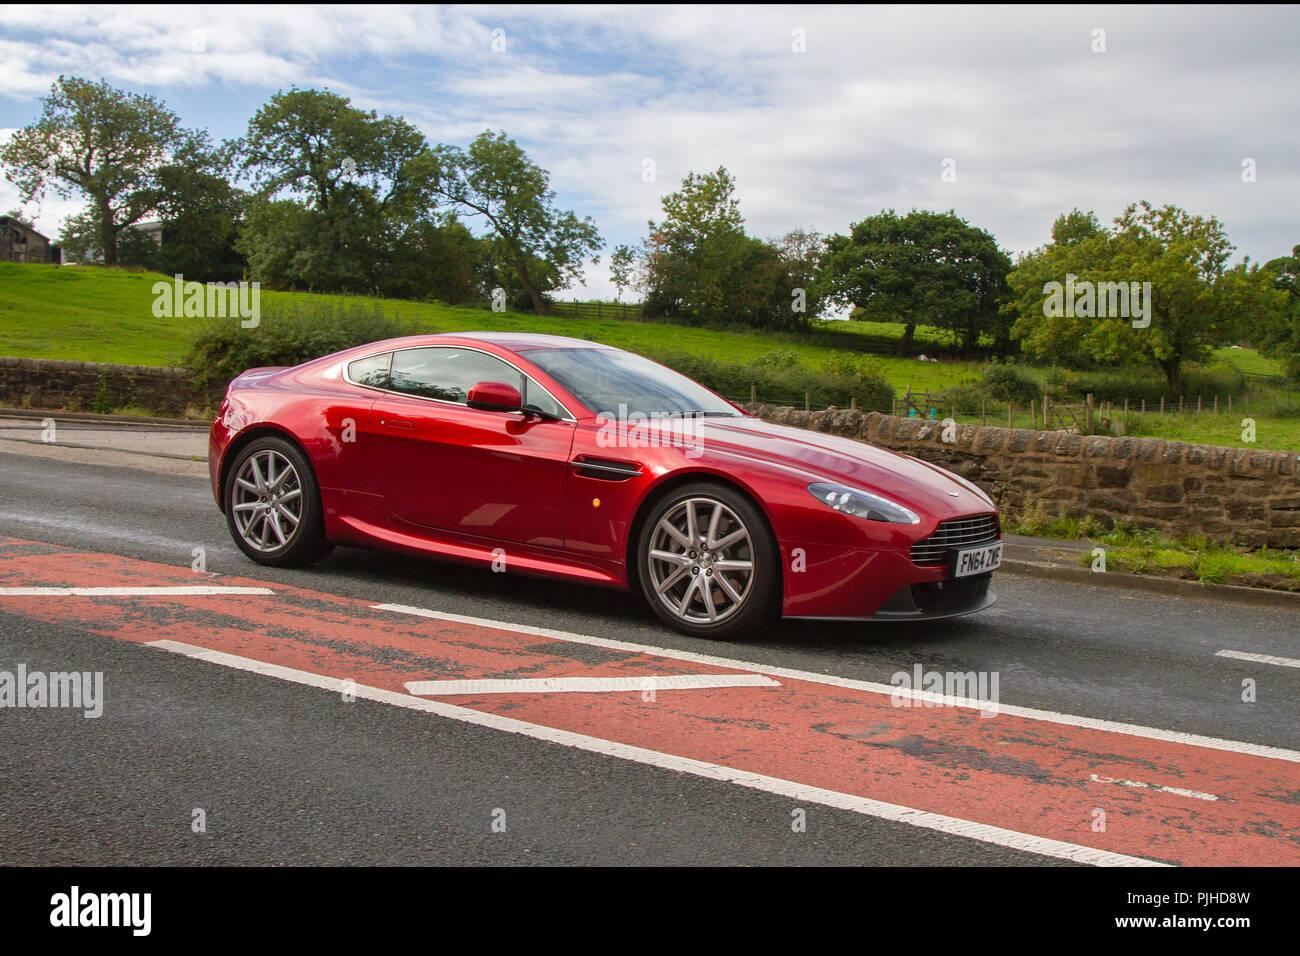 2015 Aston Martin Vantage V8 Classic Jahrgang Veteran Autos Von Gestern Restaurierten Sammlerstücken An Hoghton Turm Auto Rallye Großbritannien Stockfotografie Alamy